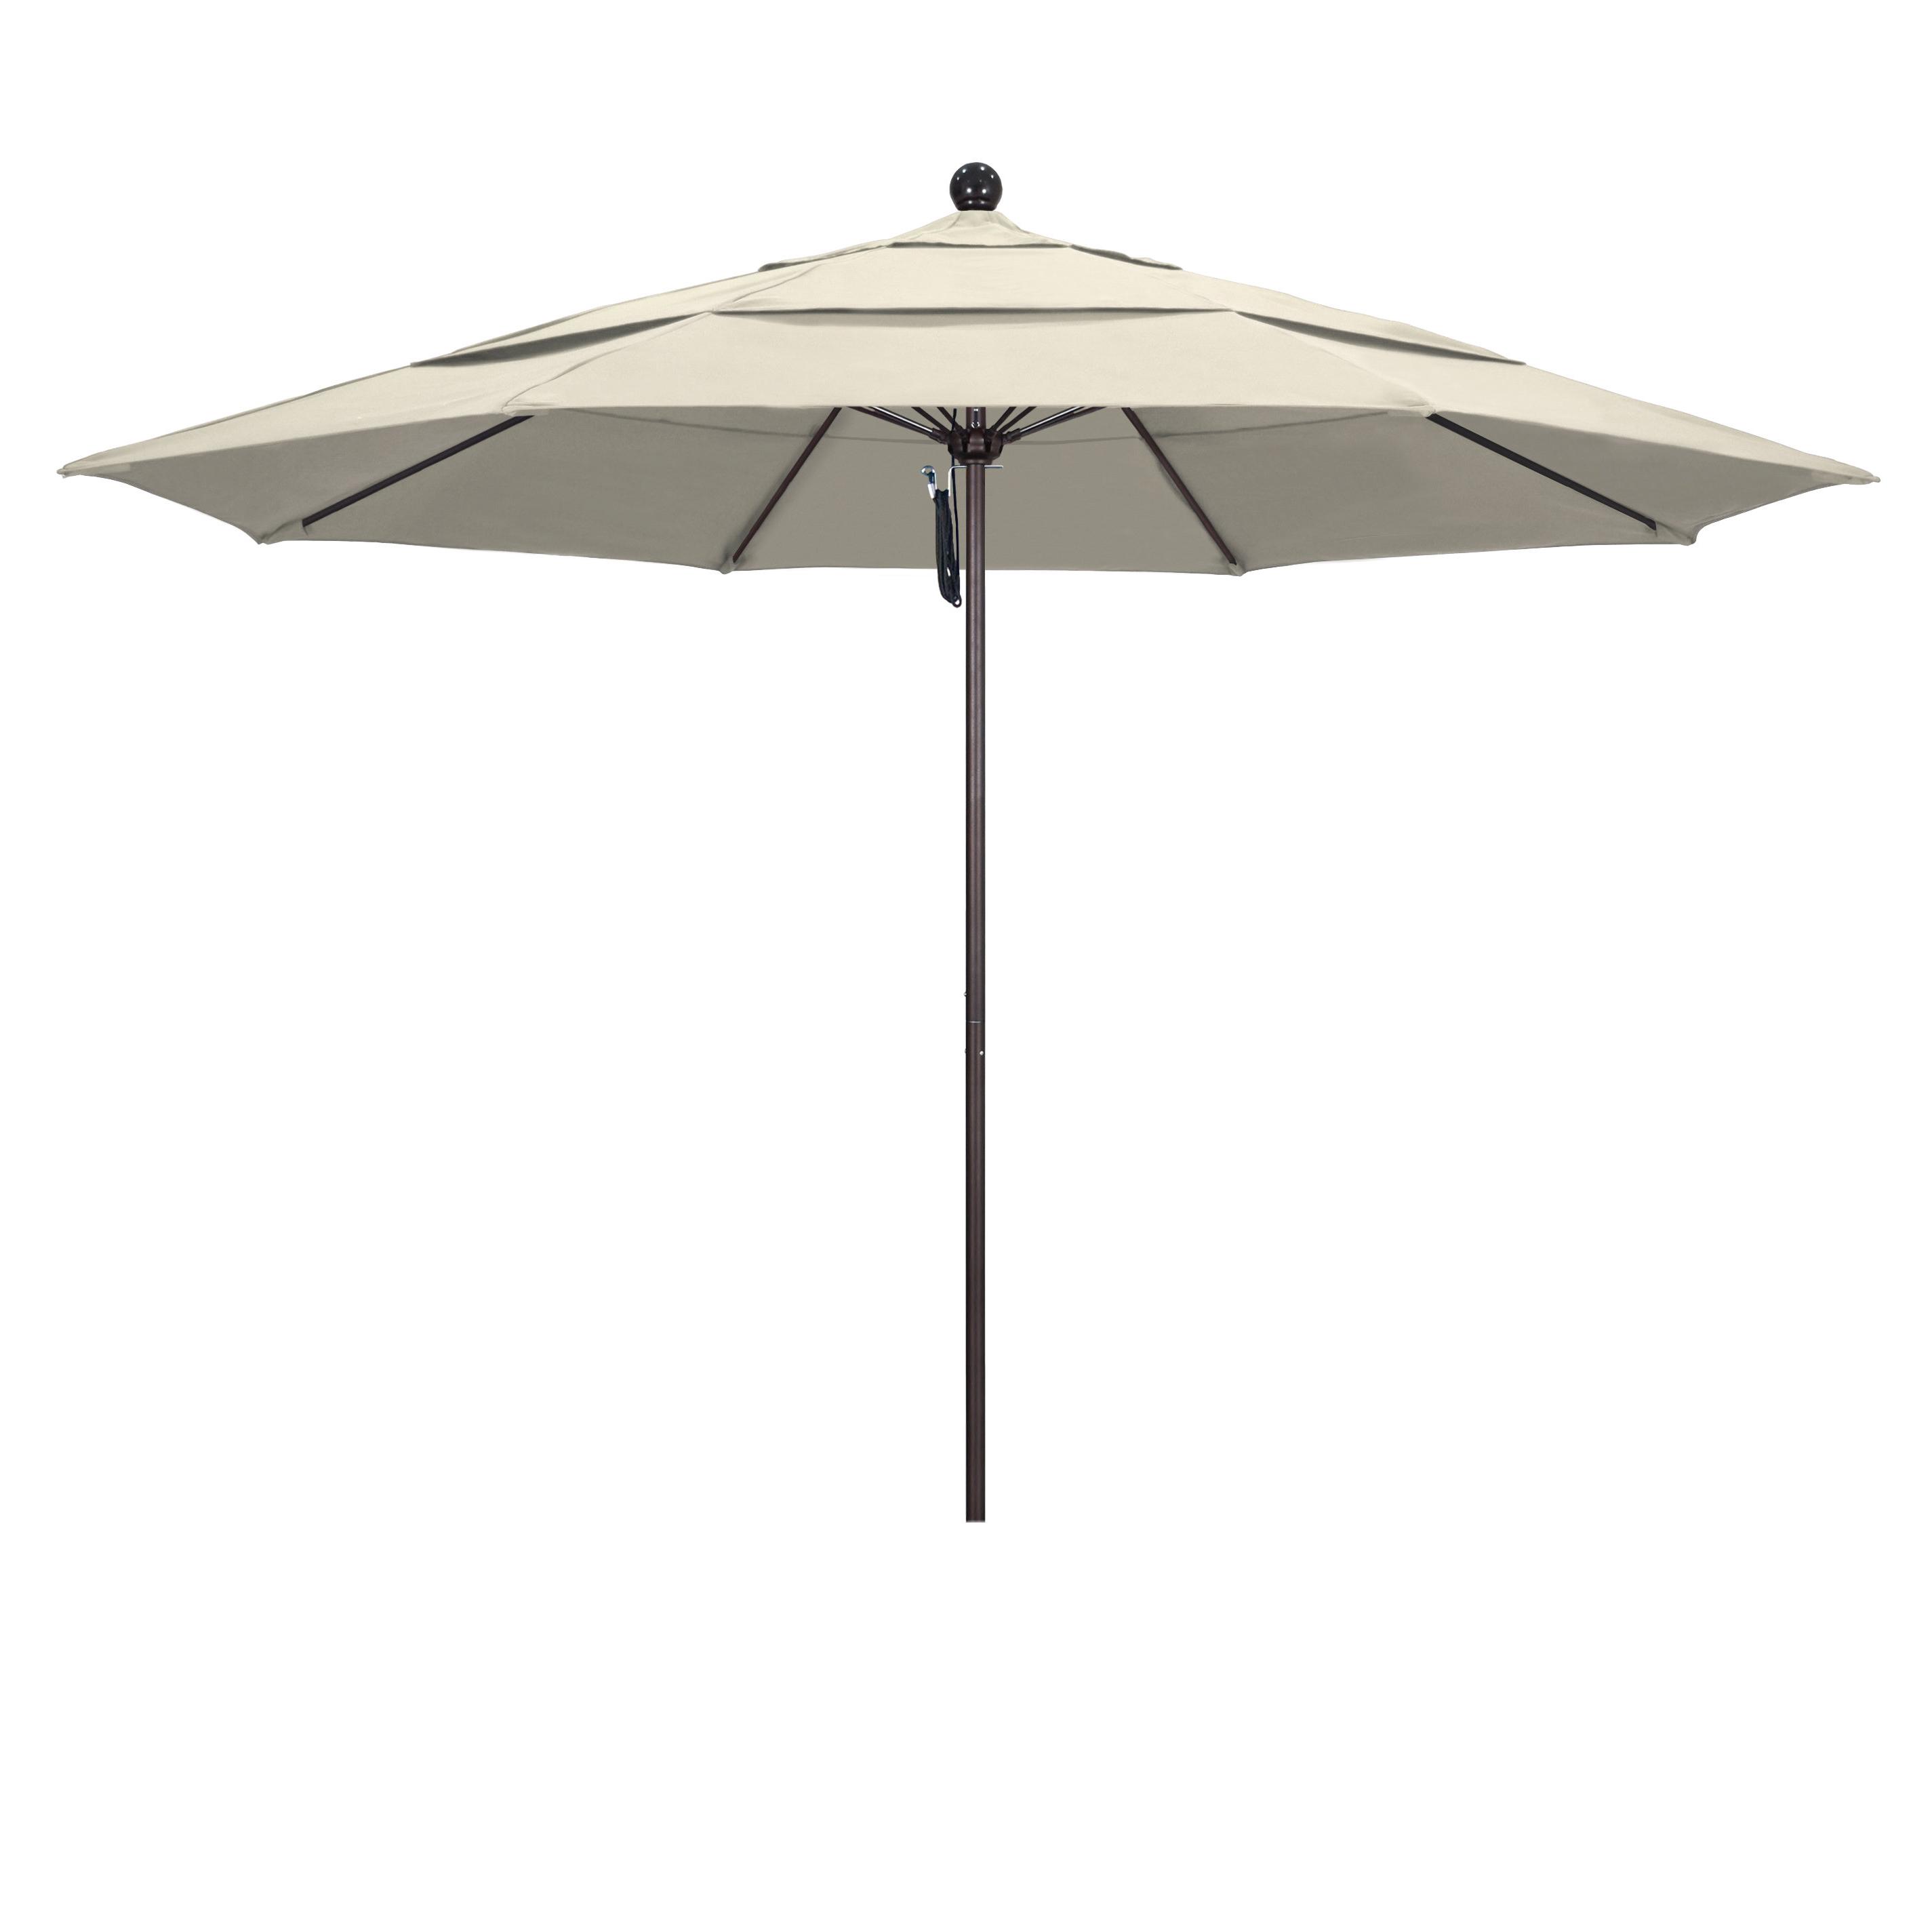 Mucci Madilyn Market Sunbrella Umbrellas With Fashionable Sol 72 Outdoor Duxbury 11' Market Umbrella (Gallery 18 of 20)